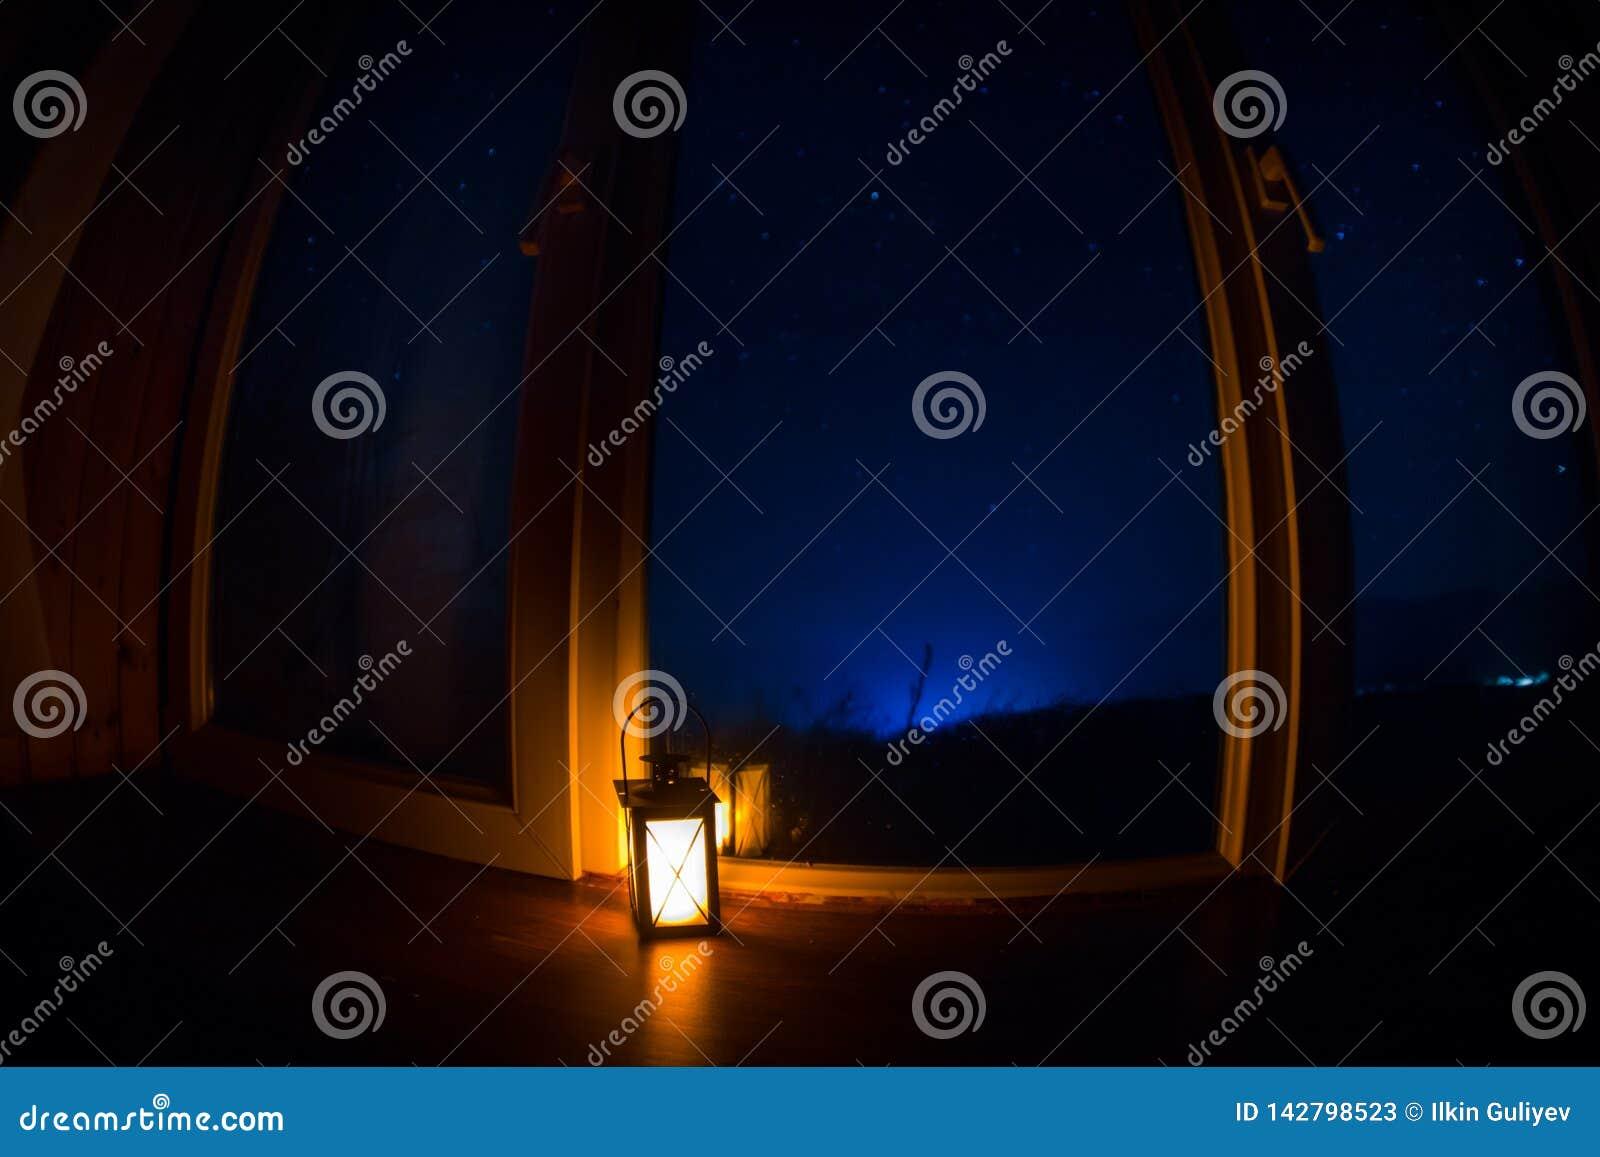 Cena da noite das estrelas vistas completamente a janela da sala escura Céu noturno dentro da sala escura Tiro longo da exposição